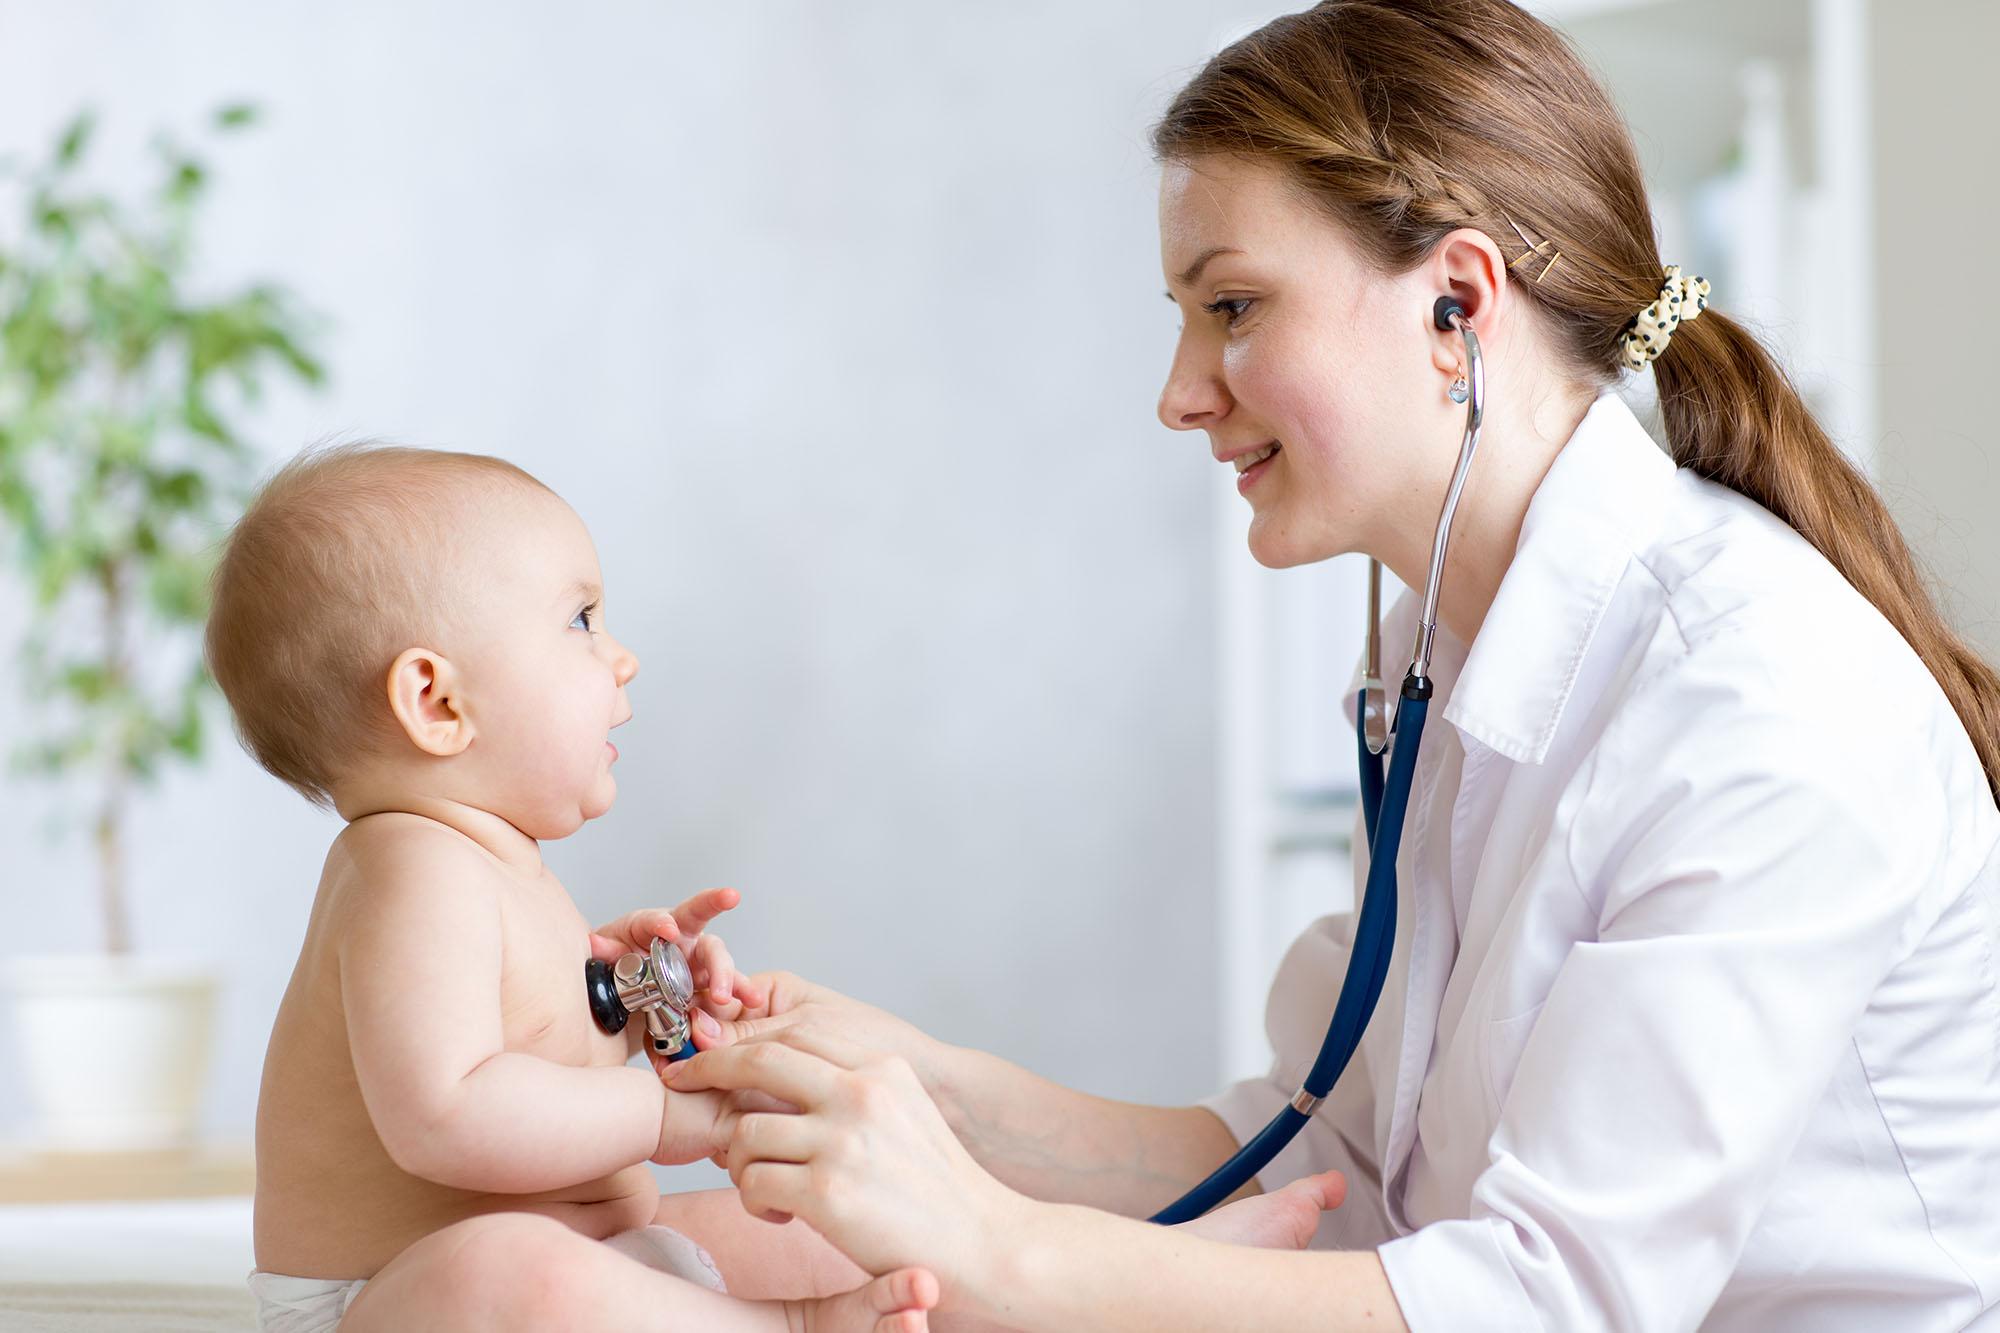 ¿Cómo deben ser los cuidados durante los primeros años de vida?